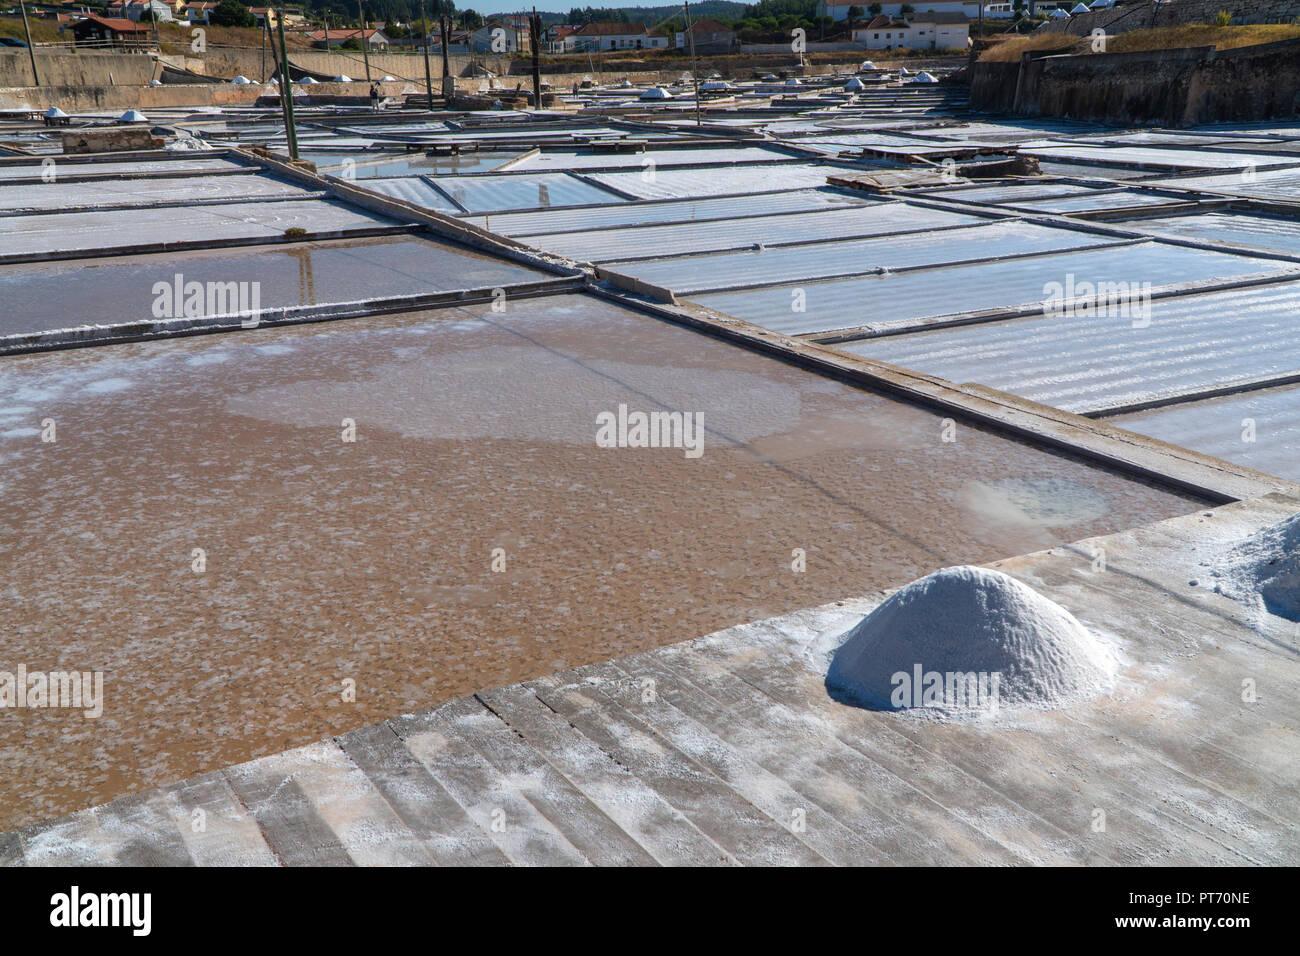 Los montones de sal para secar en cubiertas de madera en Rio Maior salinas. El documento más antiguo refiriéndose a estas Salinas se remonta a 1177, pero se cree que Imagen De Stock